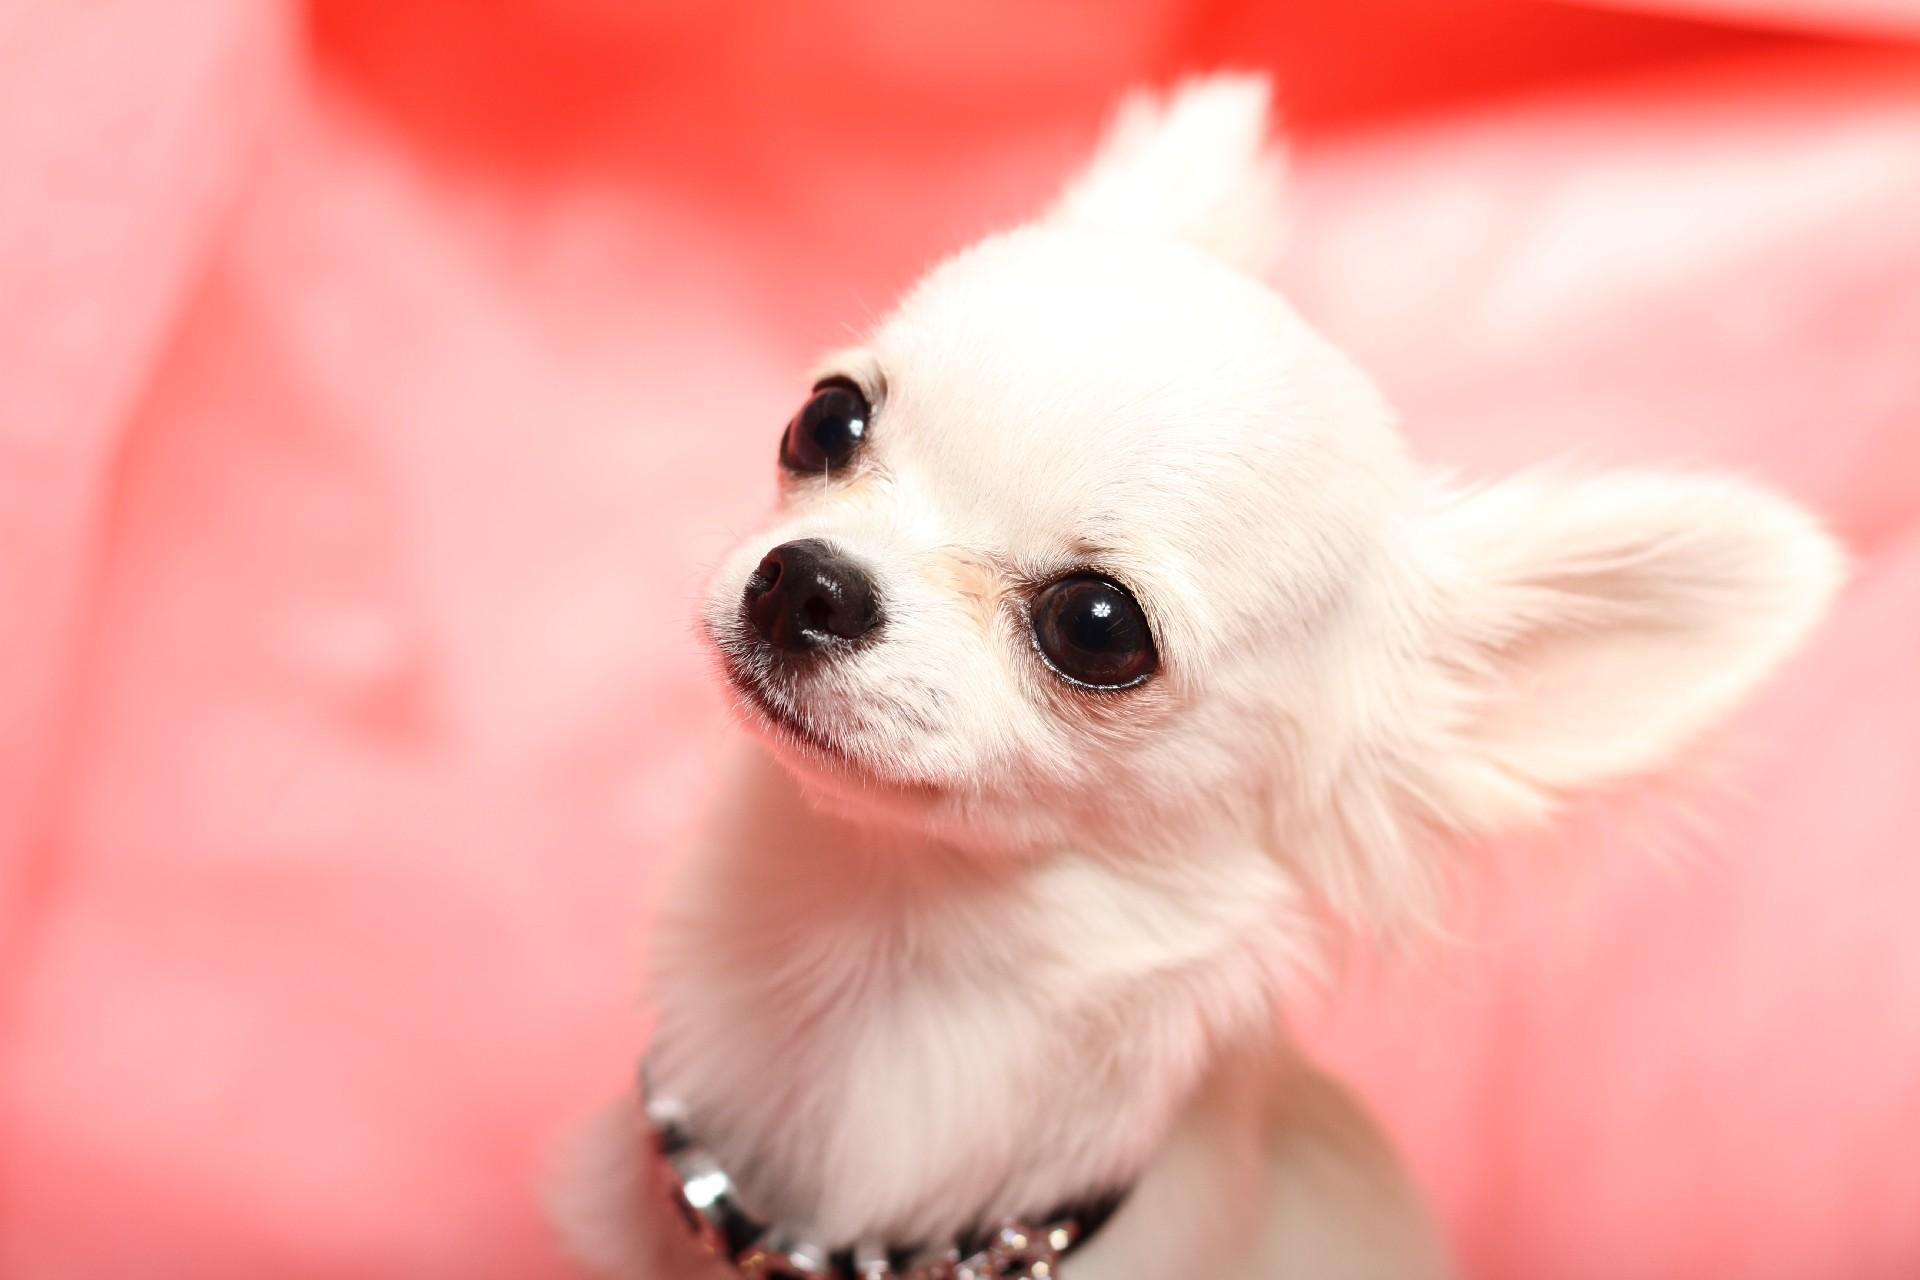 犬占いであなたの性格診断!無料で簡単にあなたは何犬か診断します